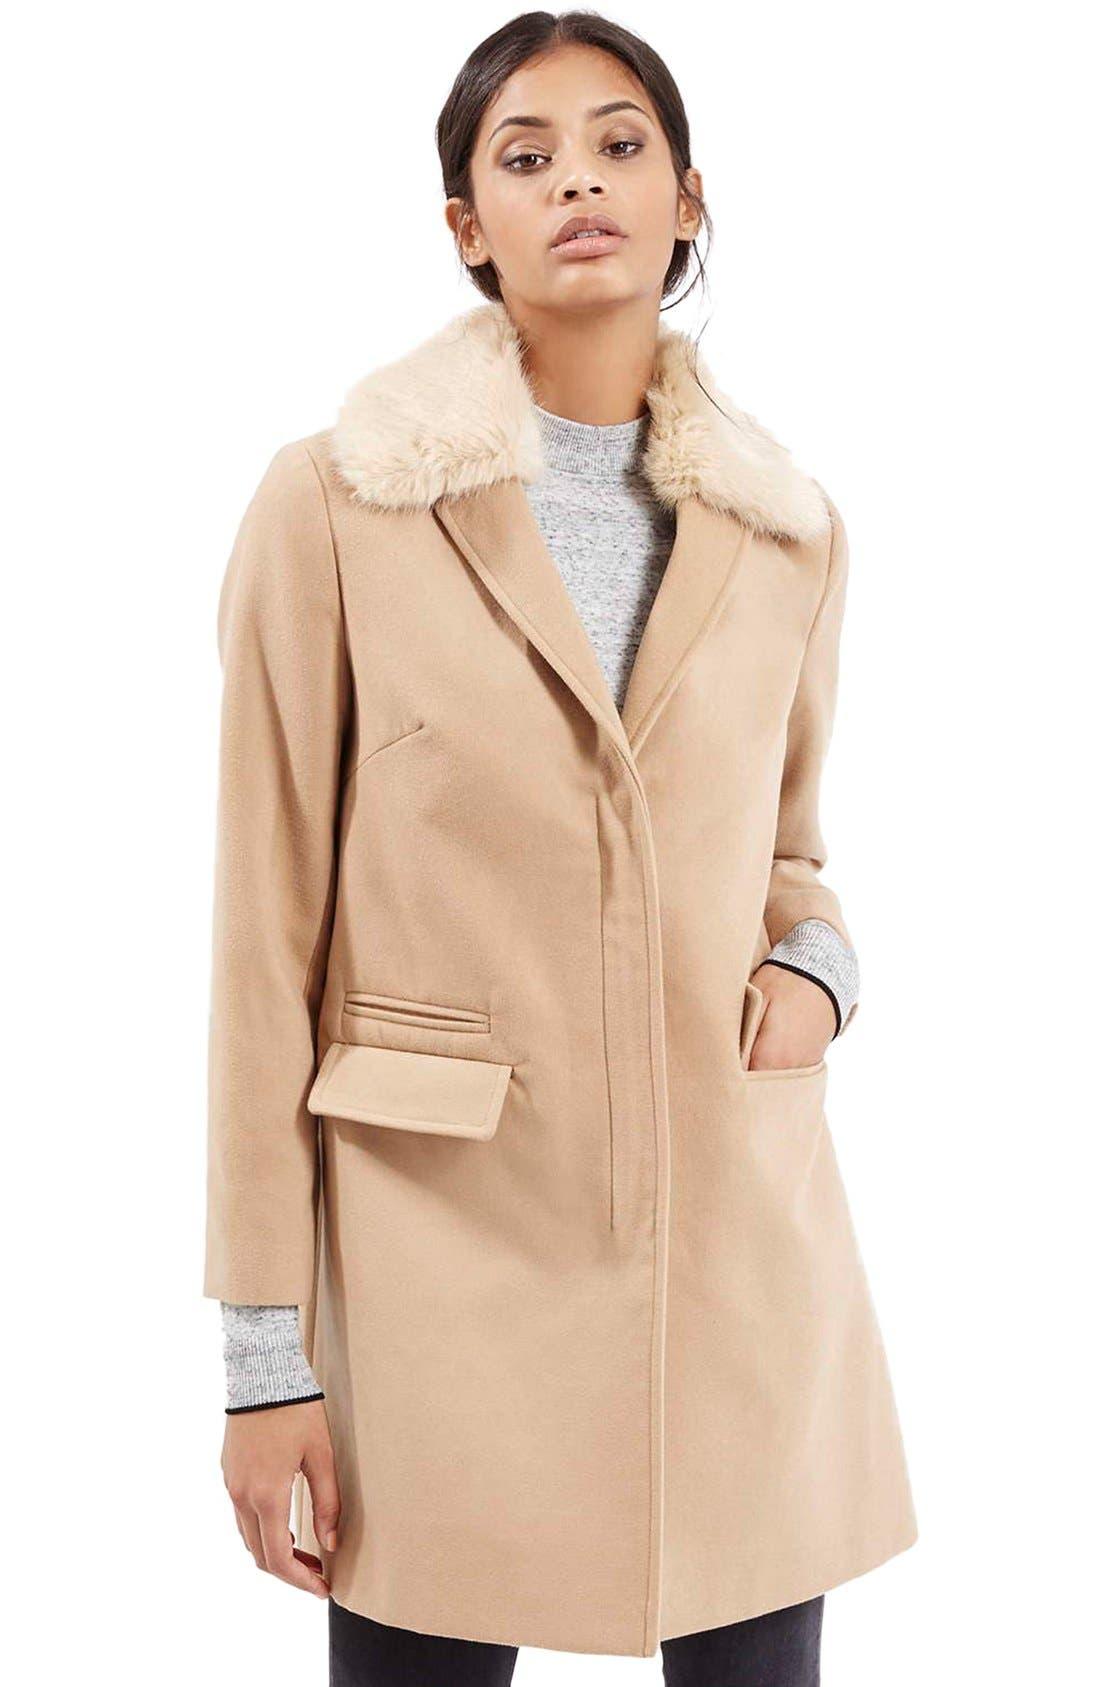 TOPSHOP, 'Mia' FauxFur CollarSlim Fit Coat, Main thumbnail 1, color, 252